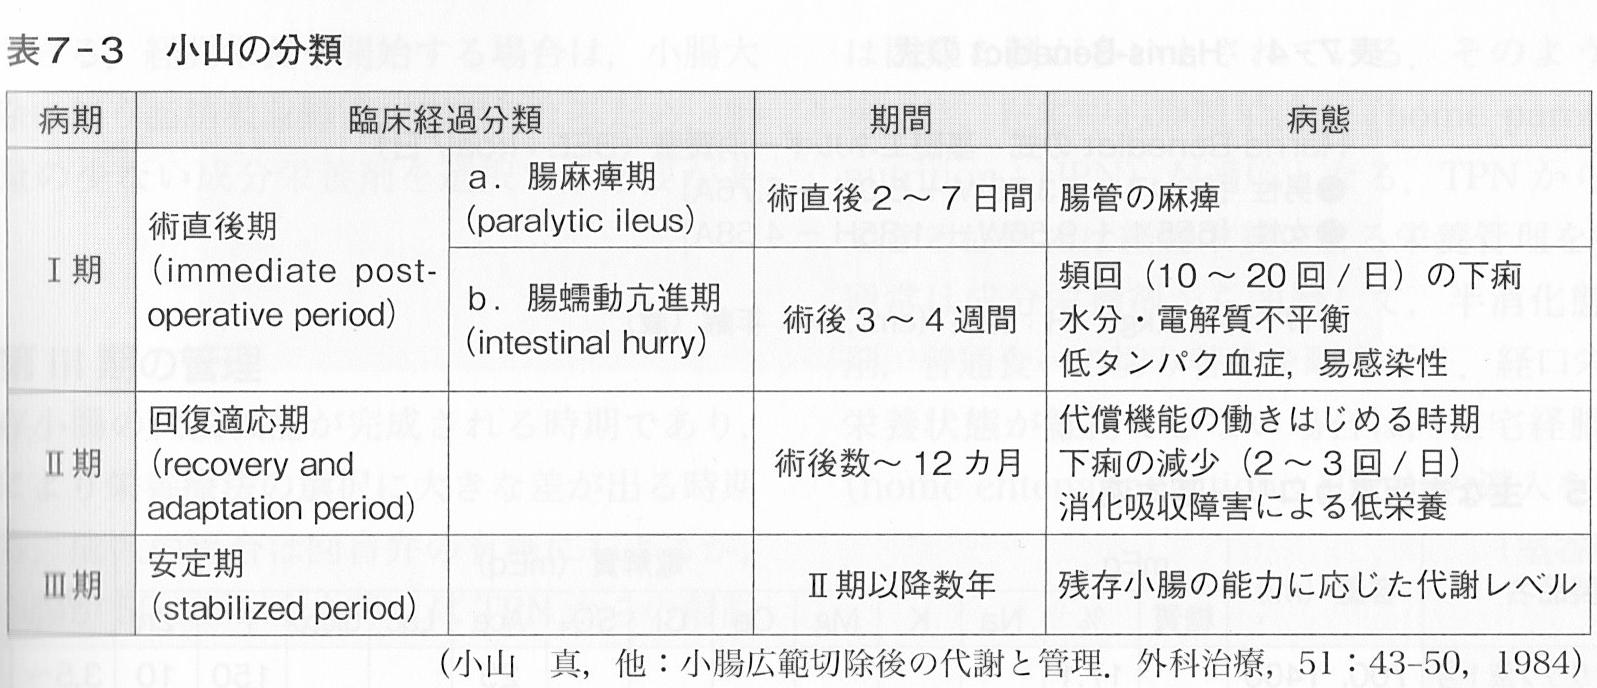 腸 リハビリ 短腸症候群 病期分類